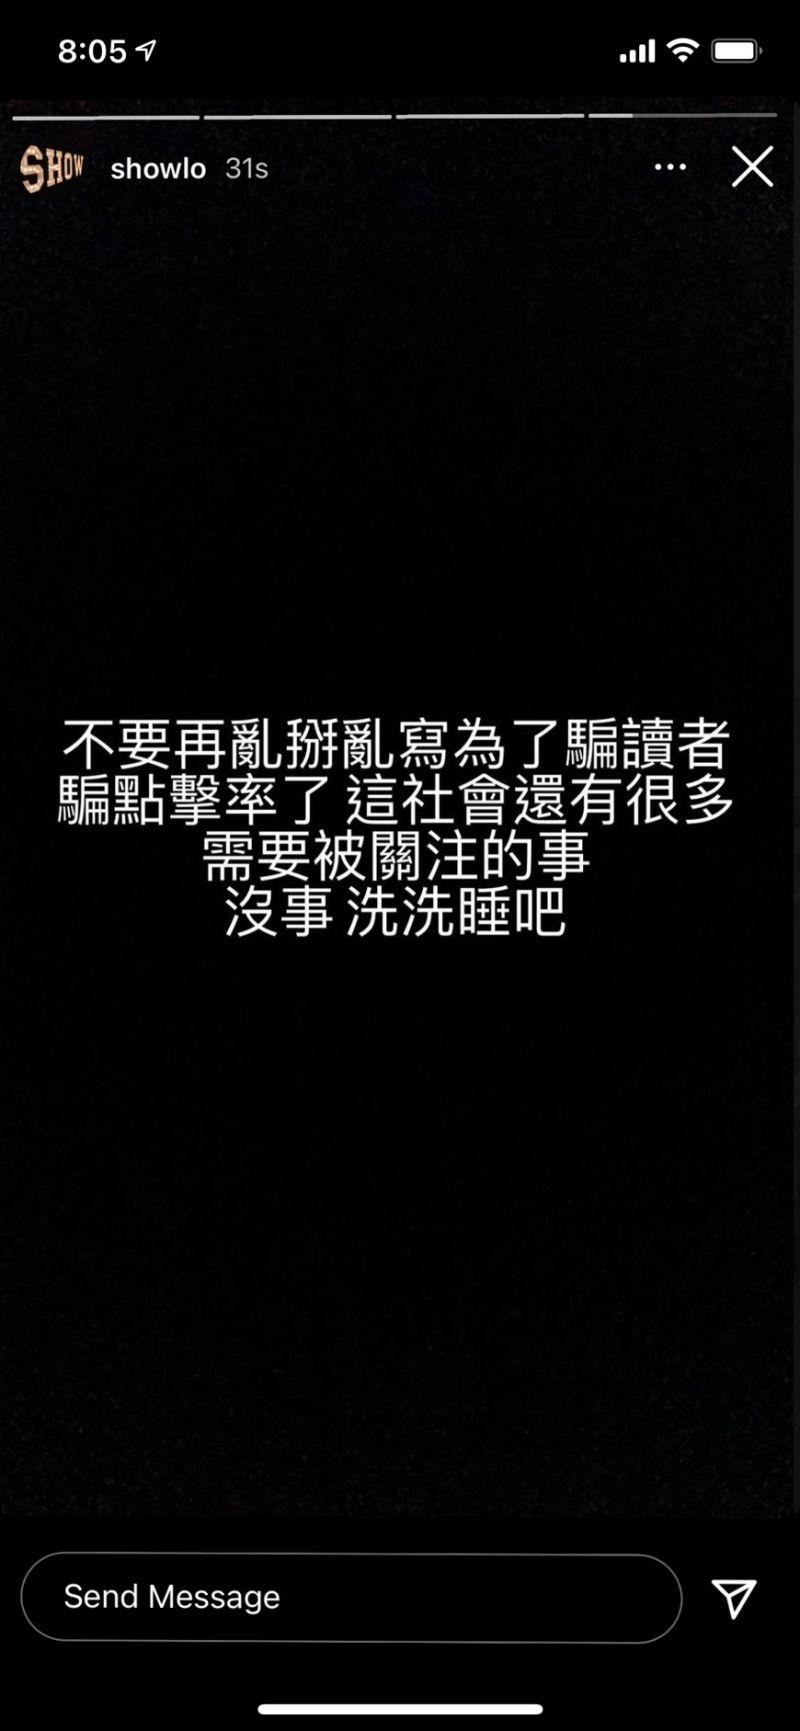 ▲羅志祥認為媒體亂寫新聞,但卻提不出沒有多人運動的證據。(圖/翻攝羅志祥IG)